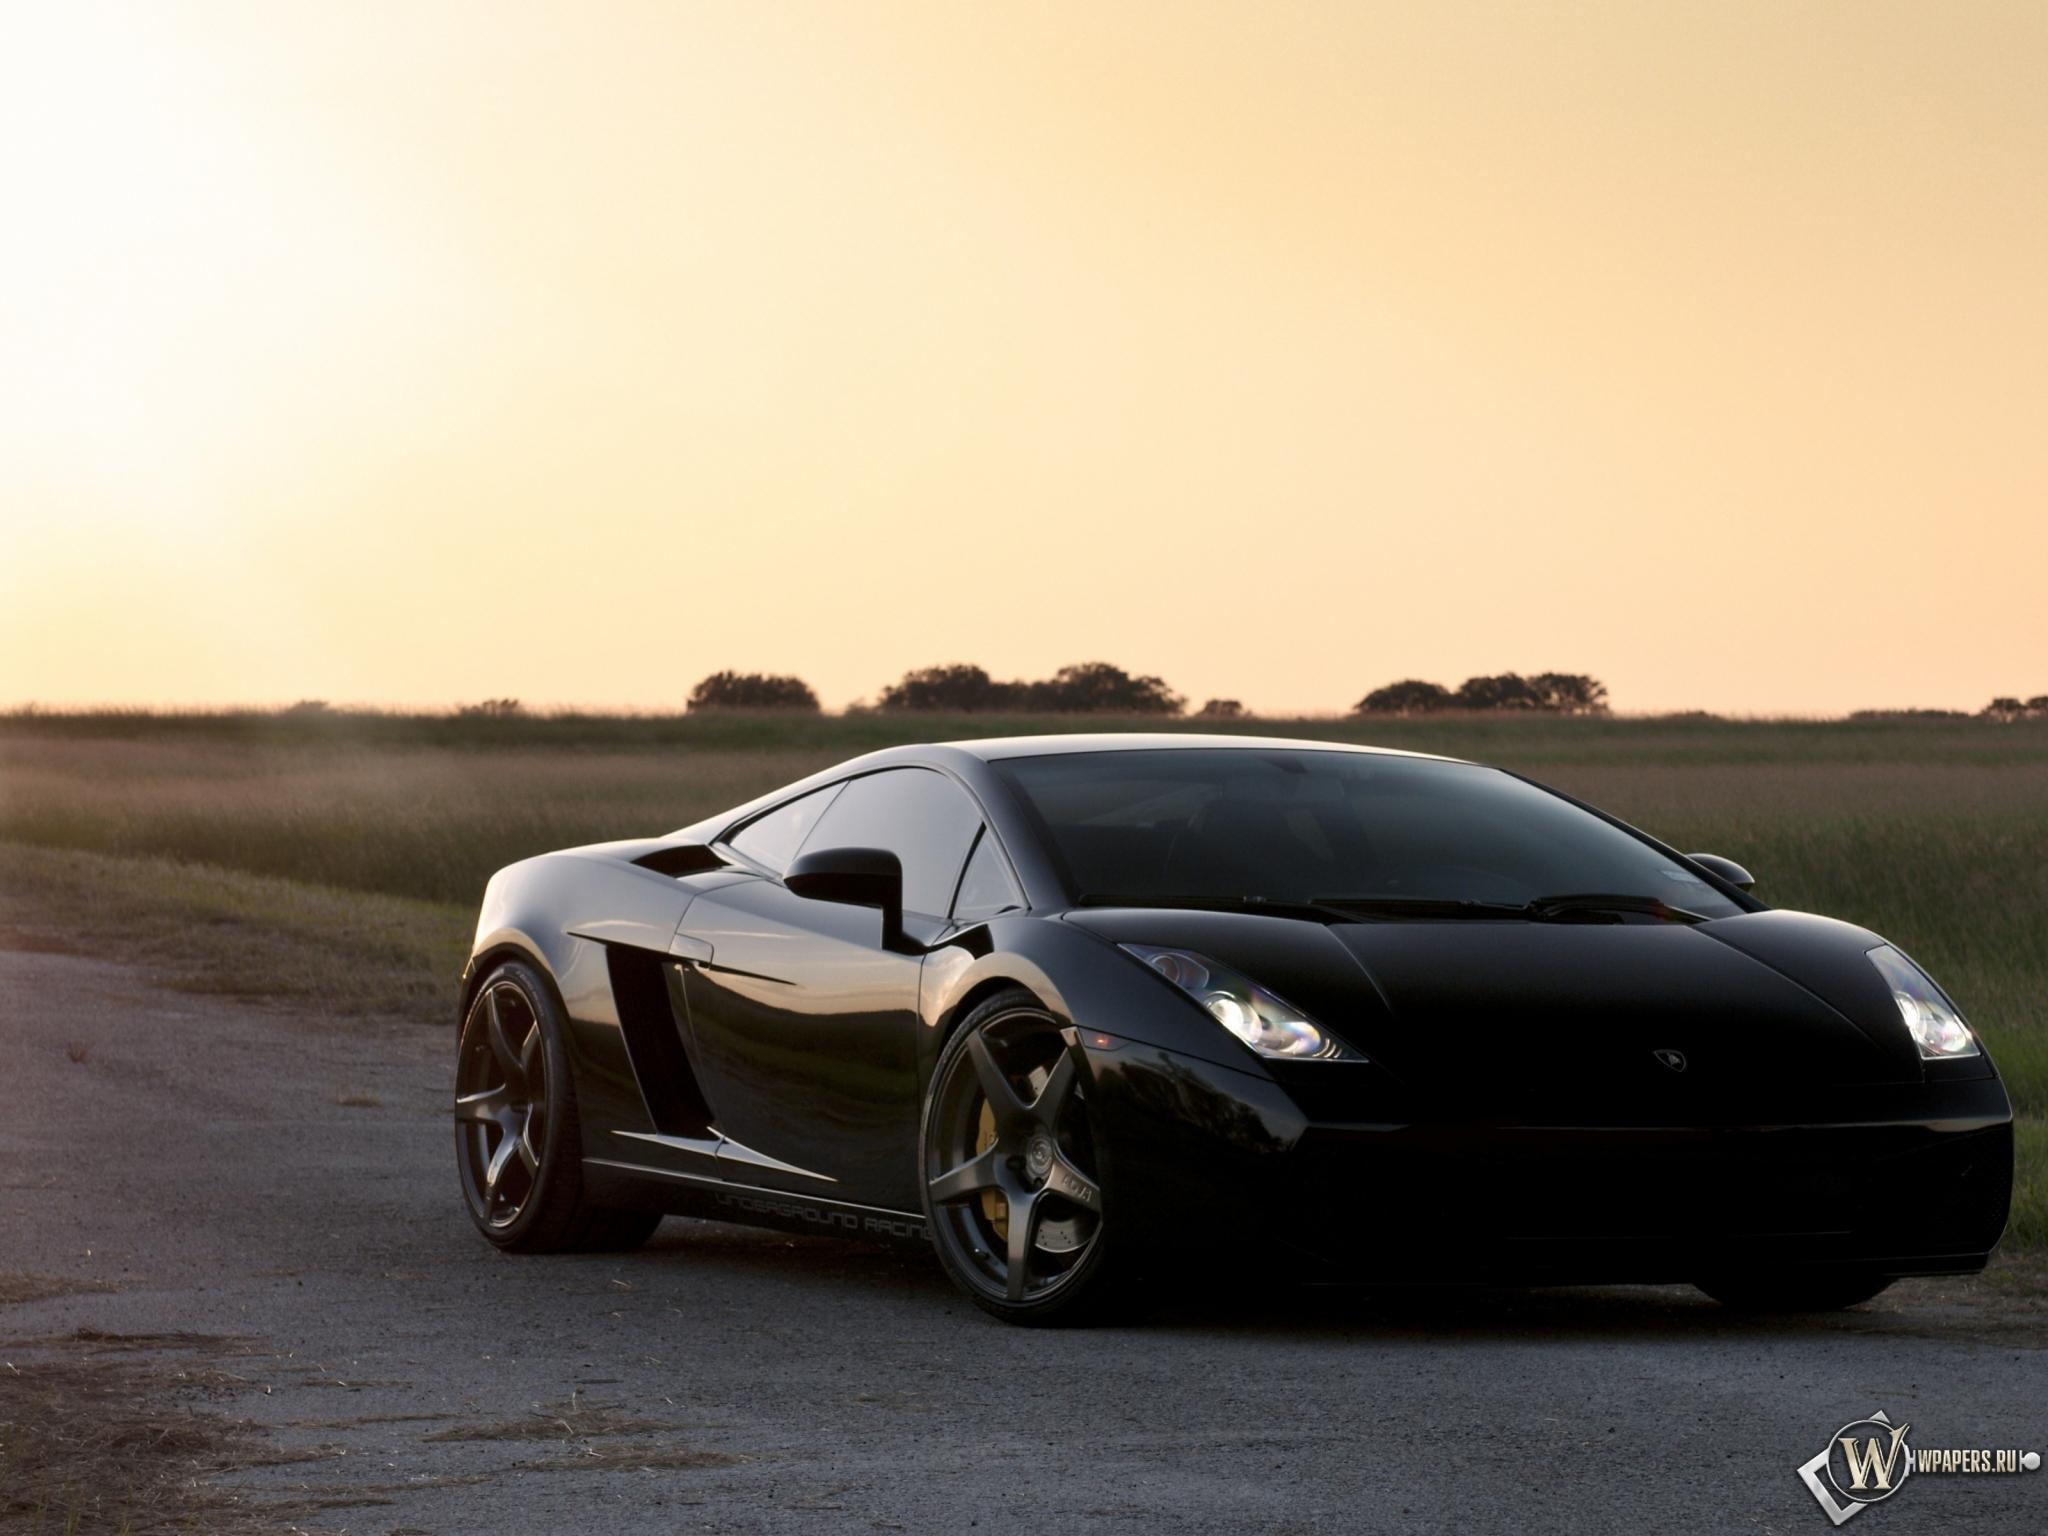 Lamborghini Gallardo 2048x1536